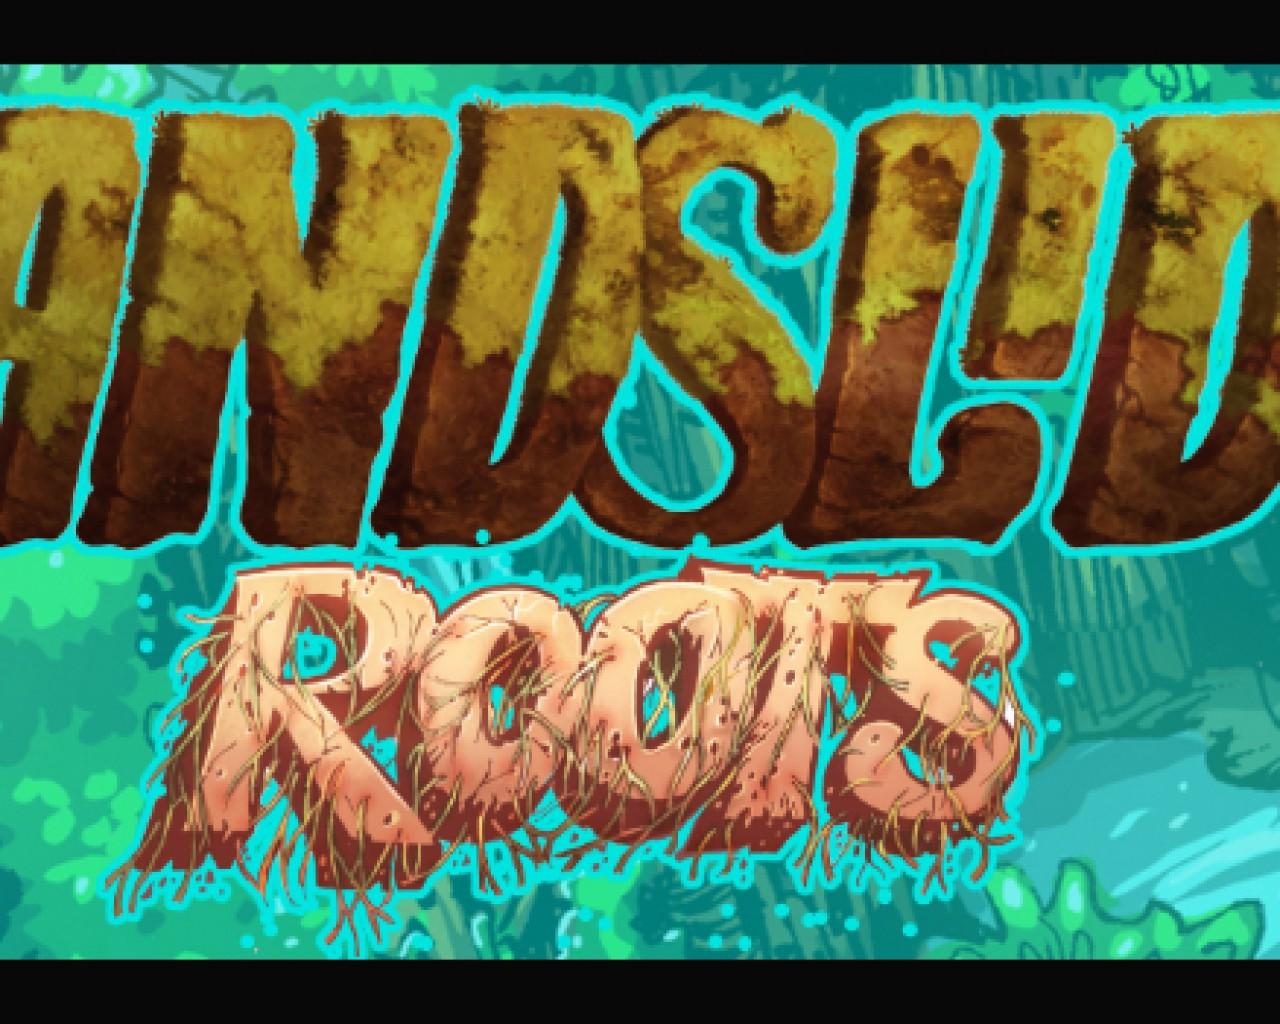 Poster Image for Landslide Roots